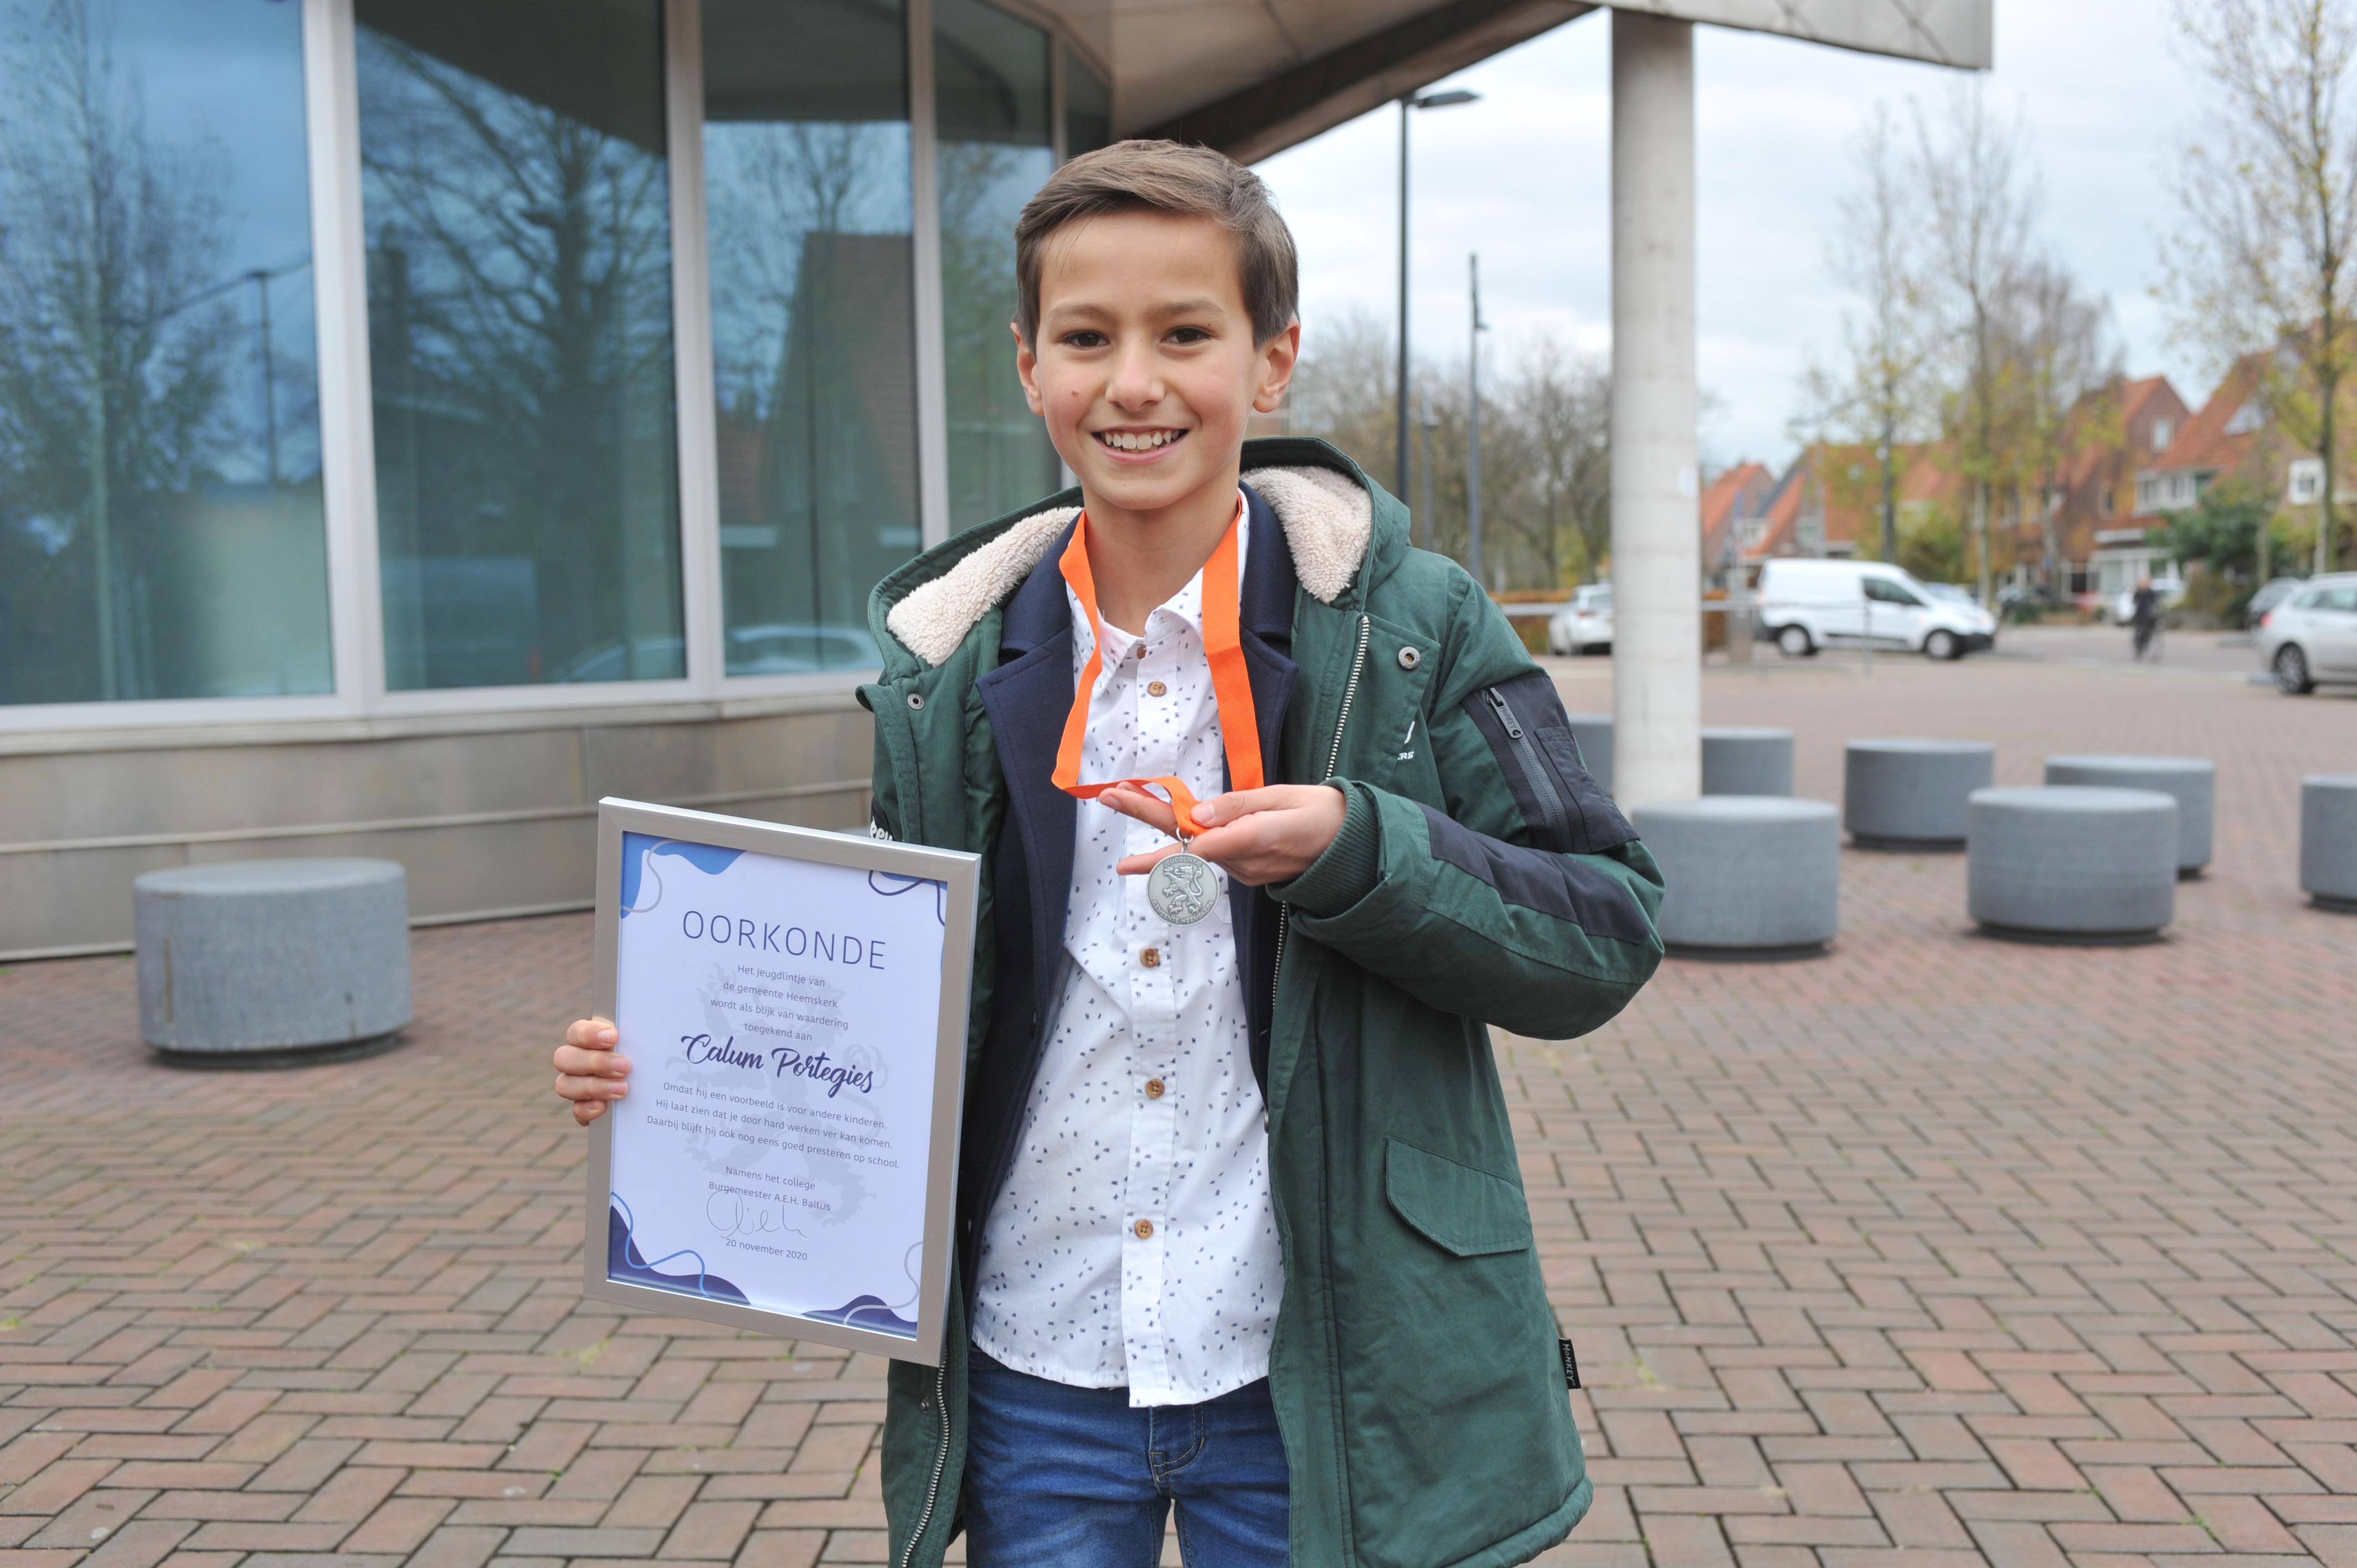 CDA Castricum wil ook een jeugdlintje: 'Jongeren zijn een inspiratiebron'